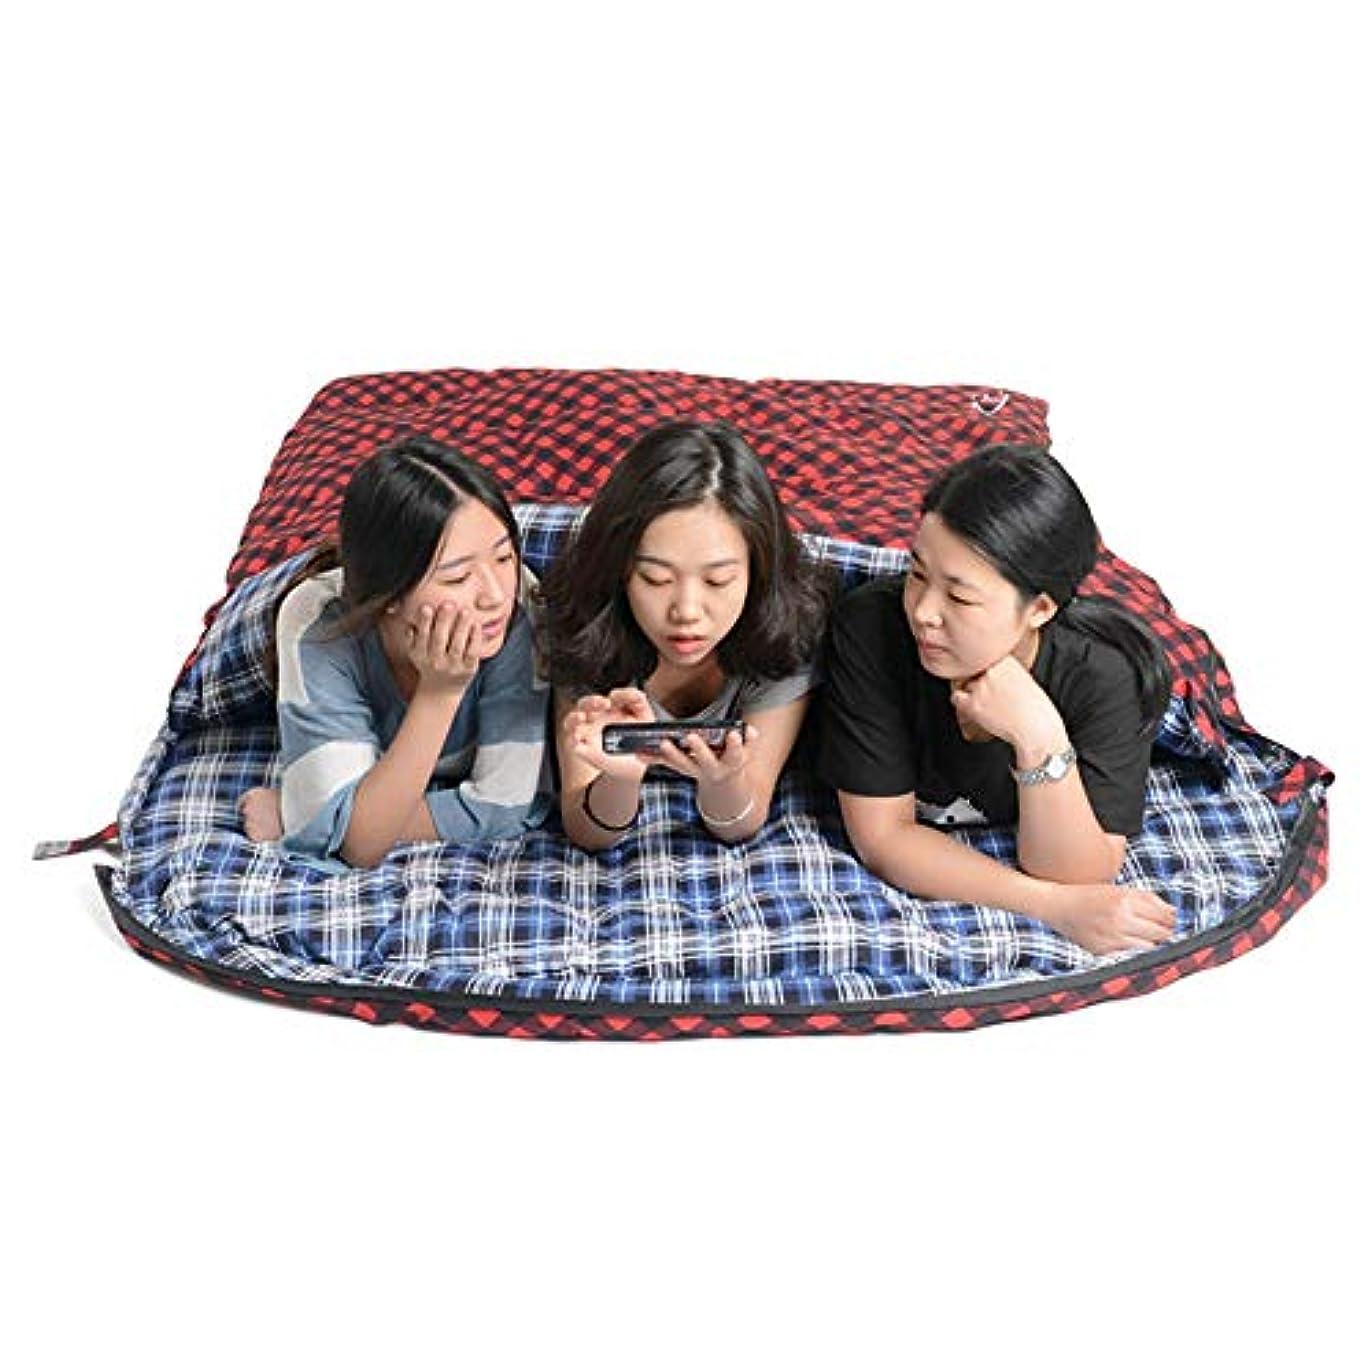 地殻グループ積分アウトドア寝袋キャンプ旅行アウトドアキャンプ旅行マウンテンハイキングバックパッキング特大のサーマル寝袋